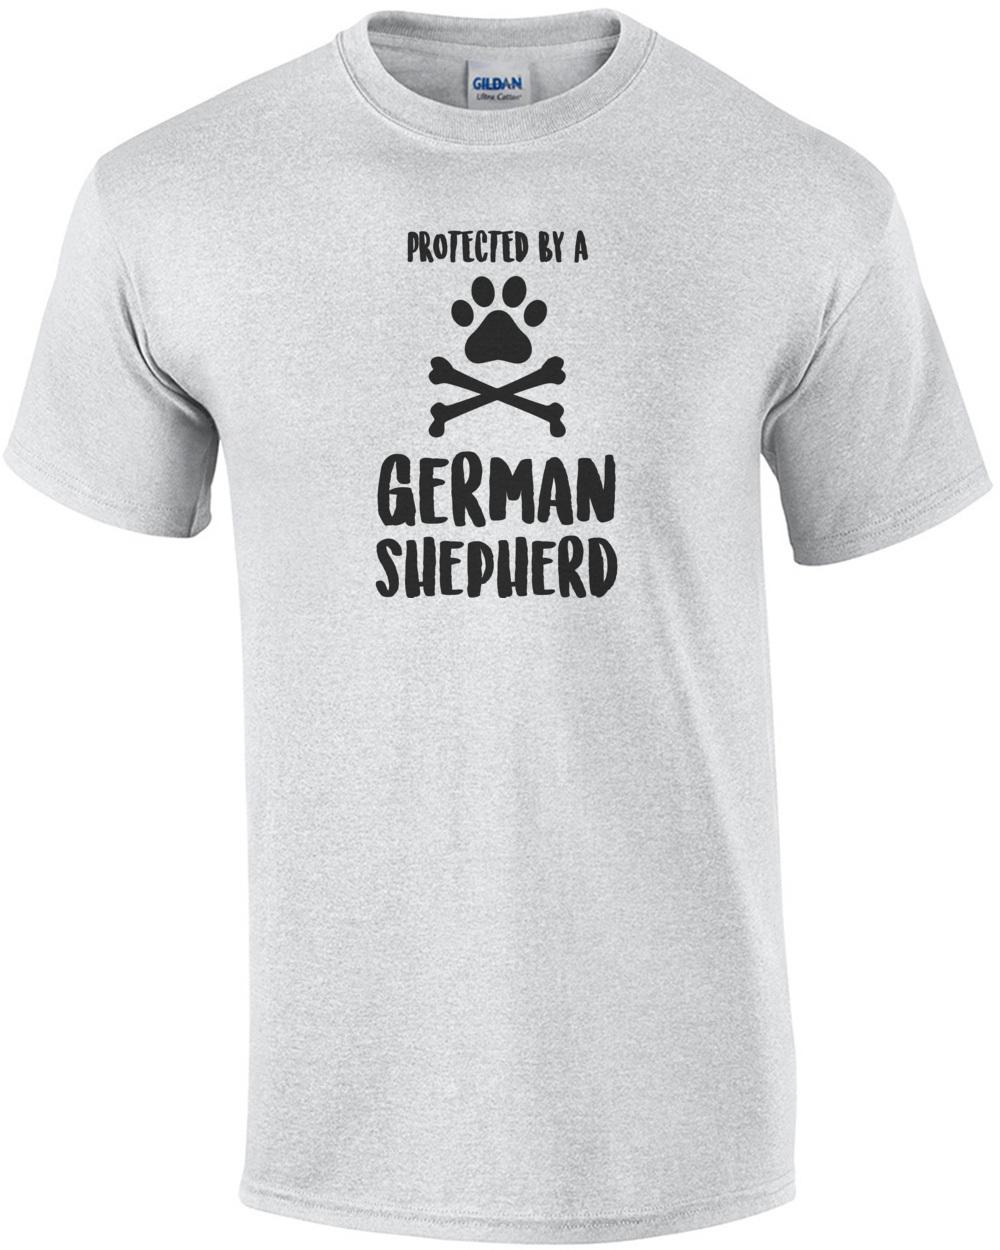 855c957cb protected-by-a-german-shepherd--german-sheperd-tshirt-mens-regular-ash.jpg